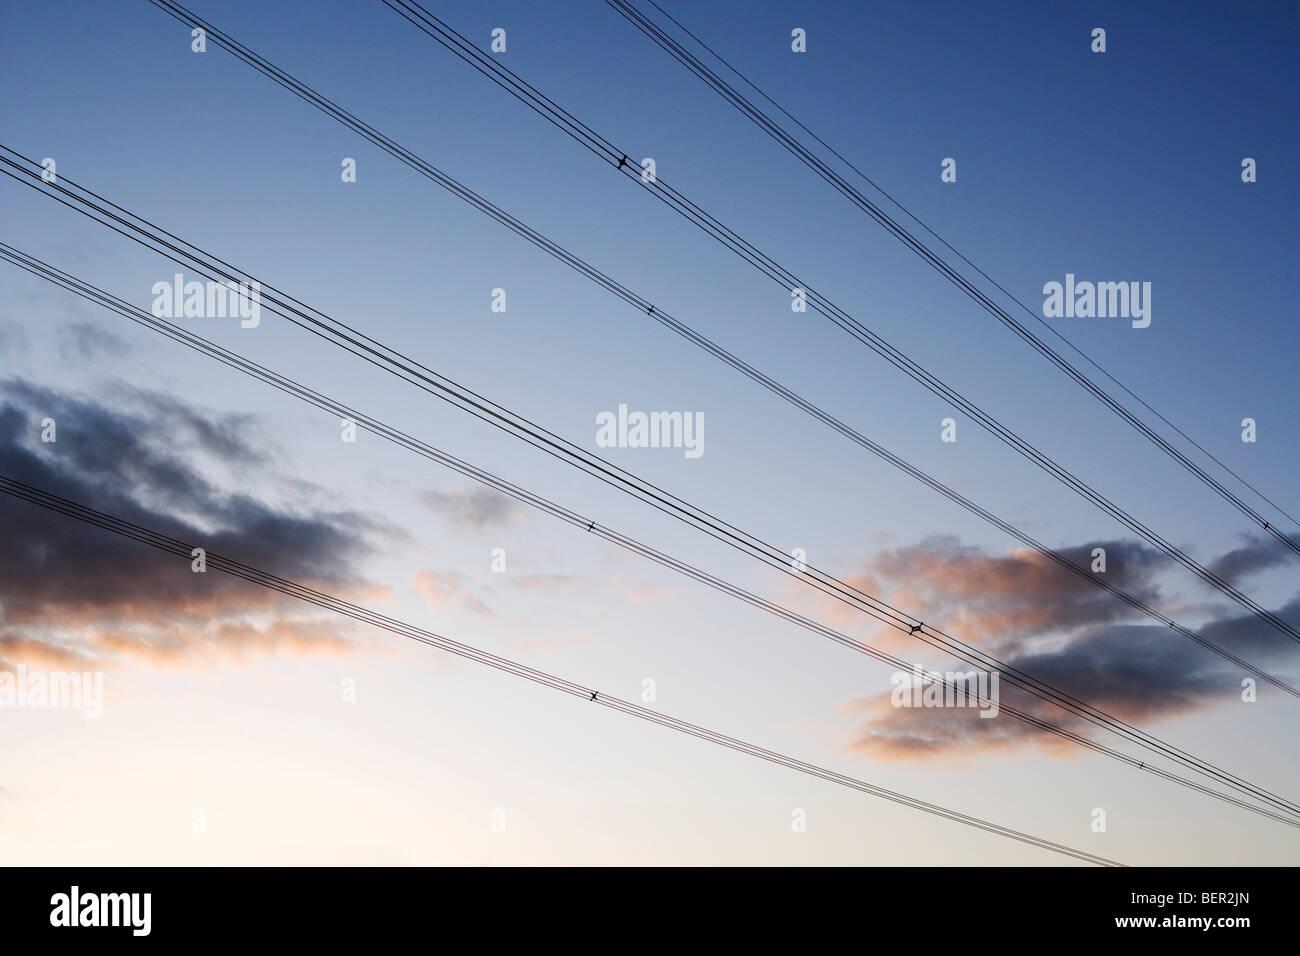 Los cables de alimentación eléctrica Imagen De Stock